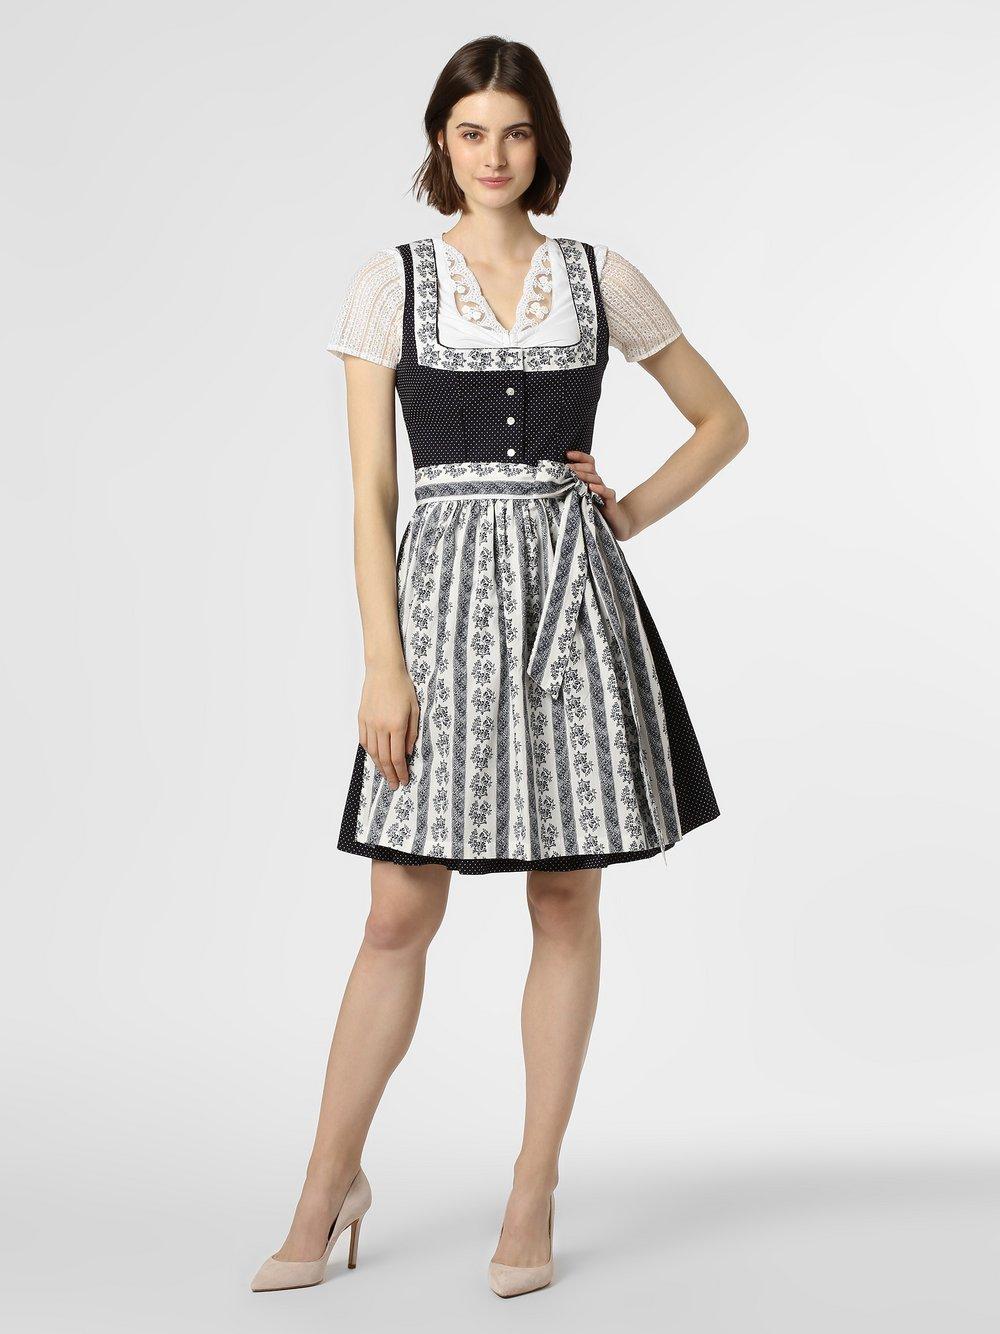 Alpenfeeling – Ludowa sukienka damska, niebieski Van Graaf 449305-0001-00440